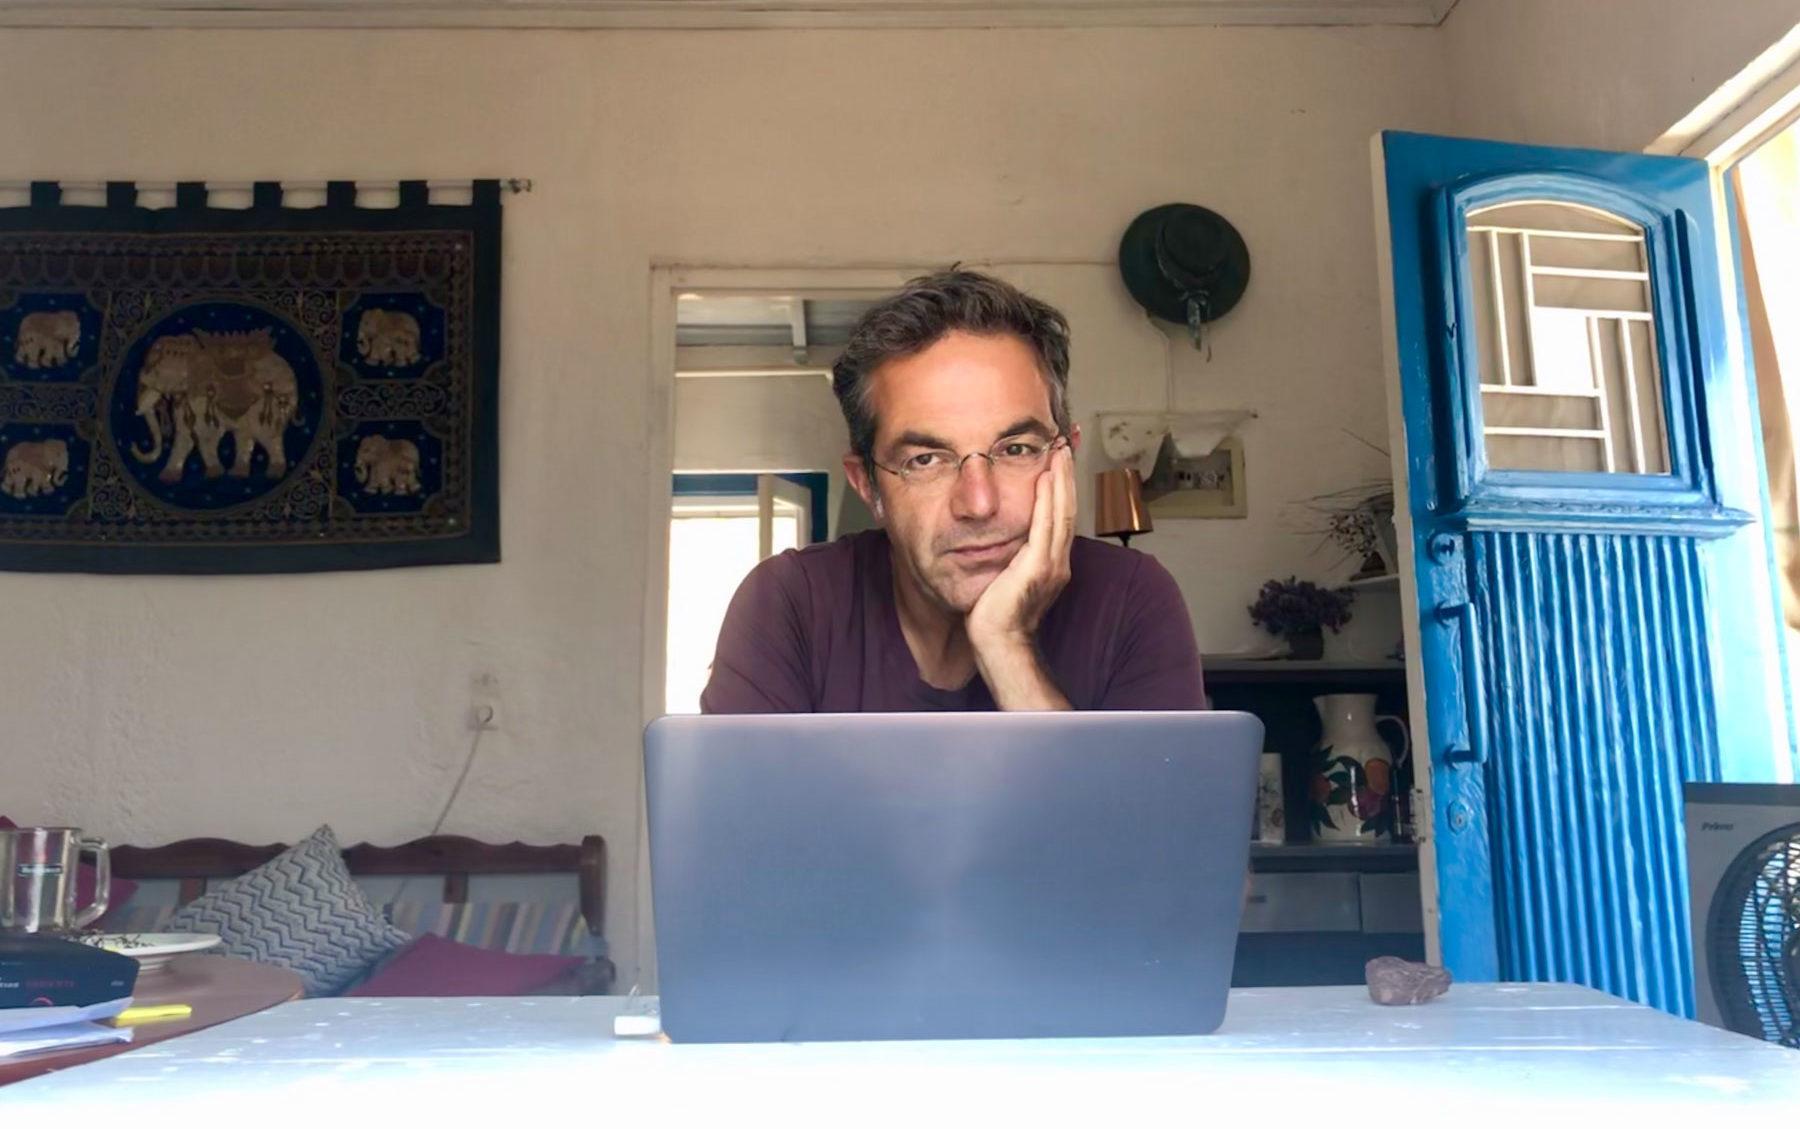 Navid Kermani mit Ehrenpreis des Österreichischen Buchhandels ausgezeichnet